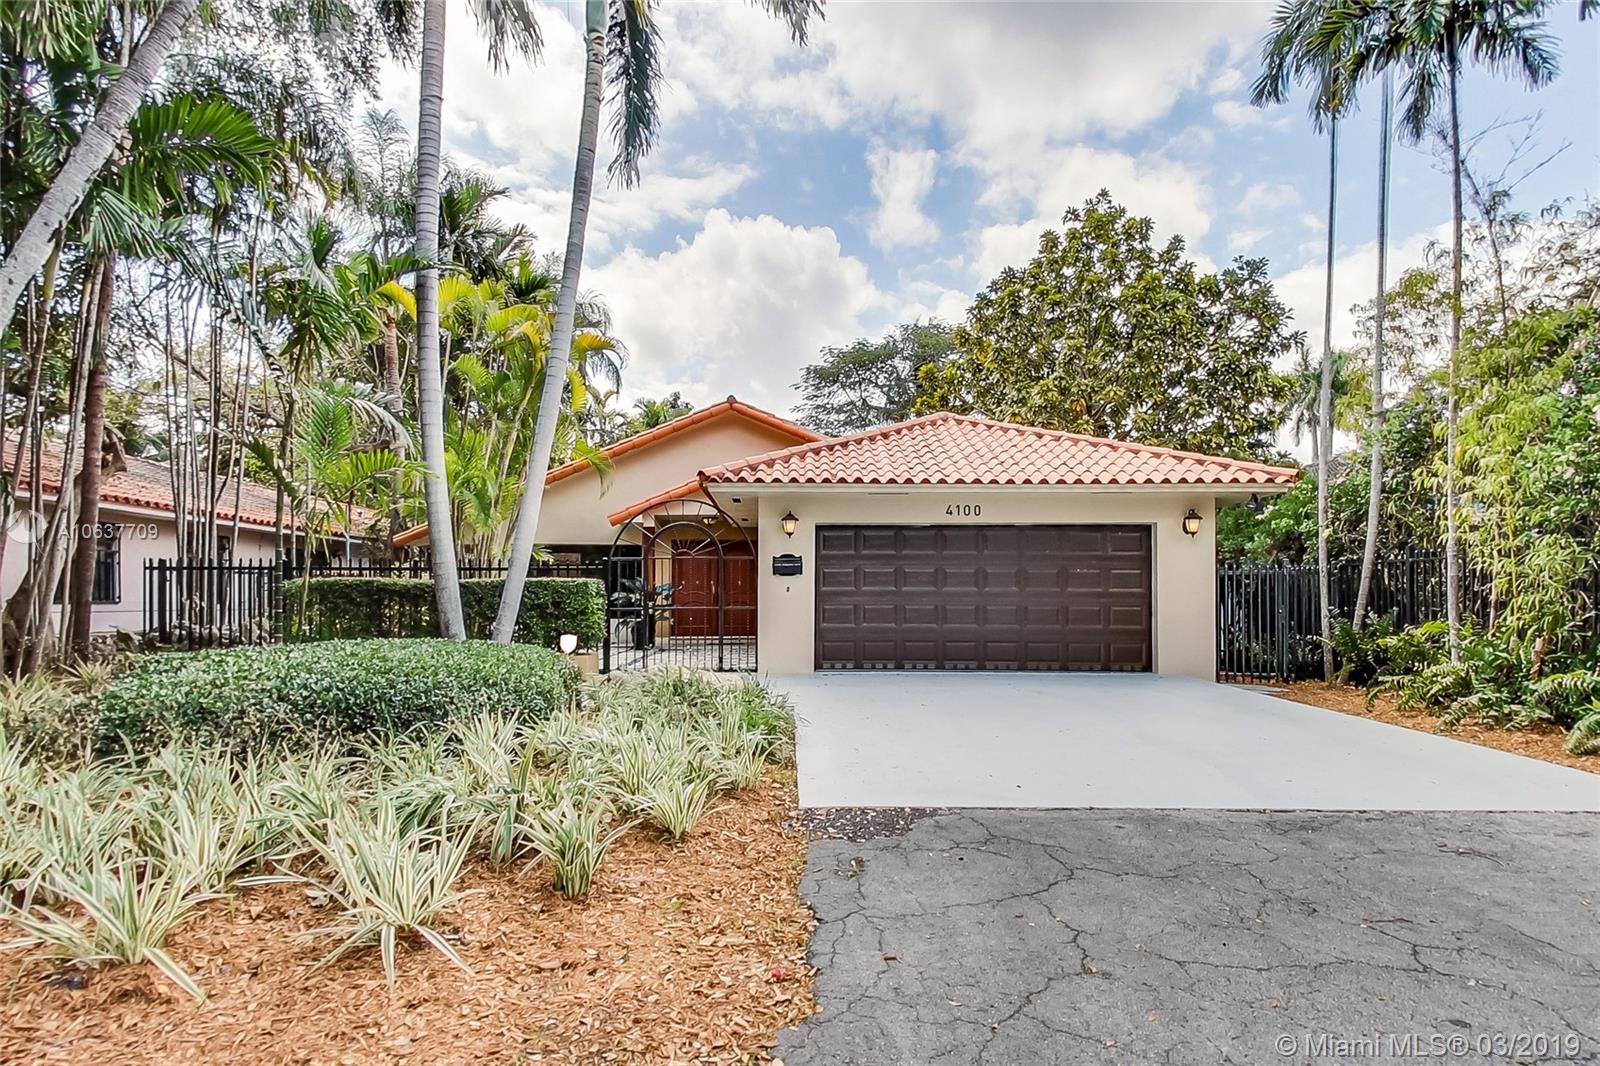 4100 SW 14th St, Miami FL 33134